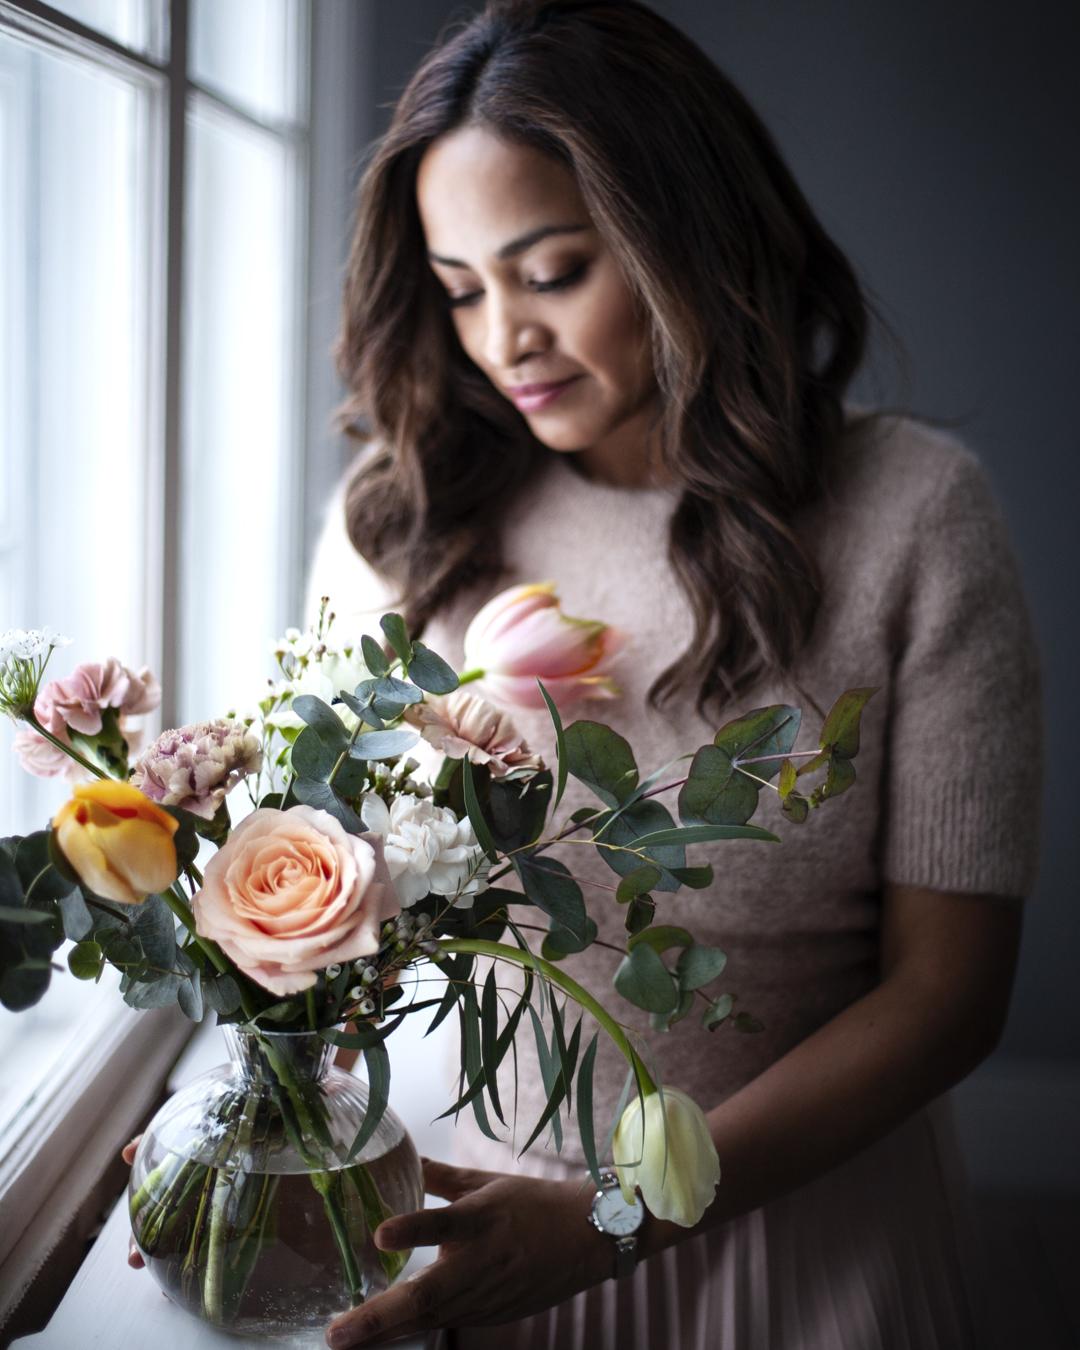 skicka blommor online